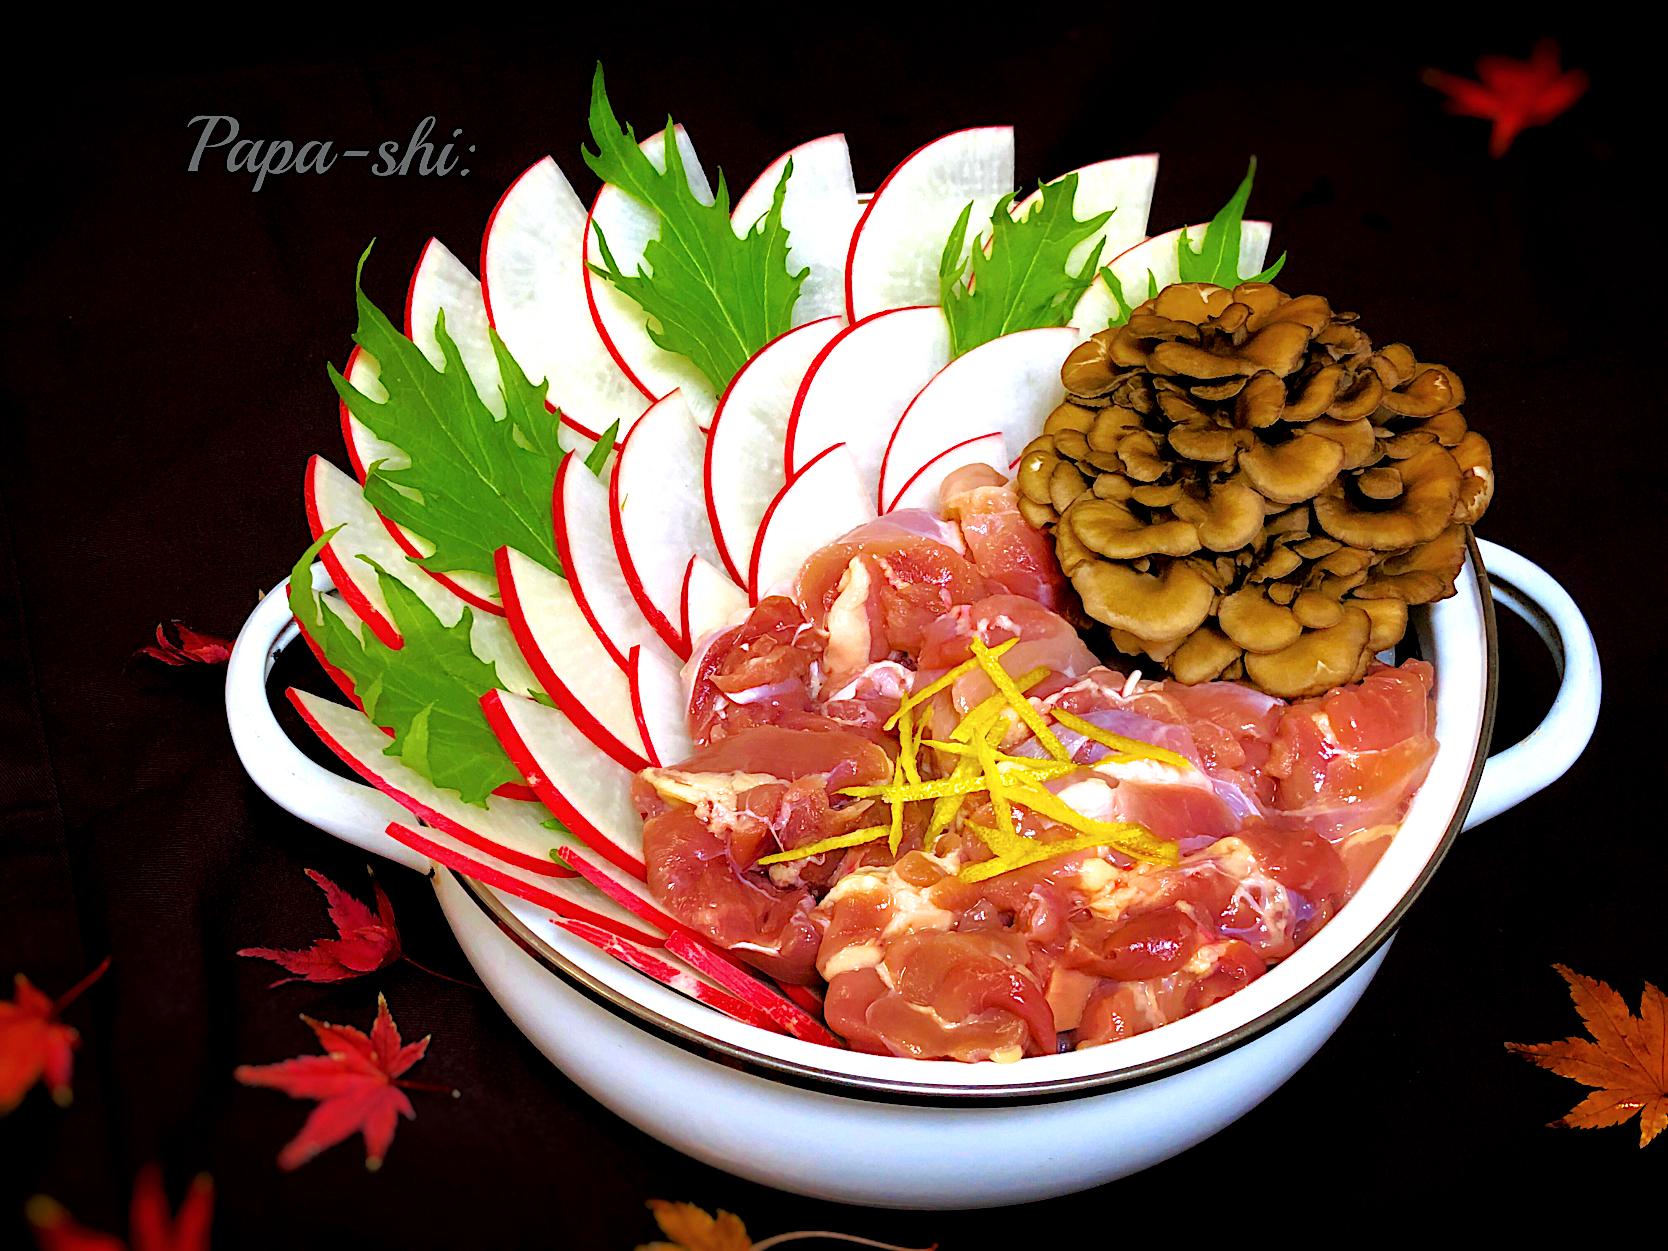 サラダ大根と鶏の味噌鍋 〜摺り下ろしリンゴ入り